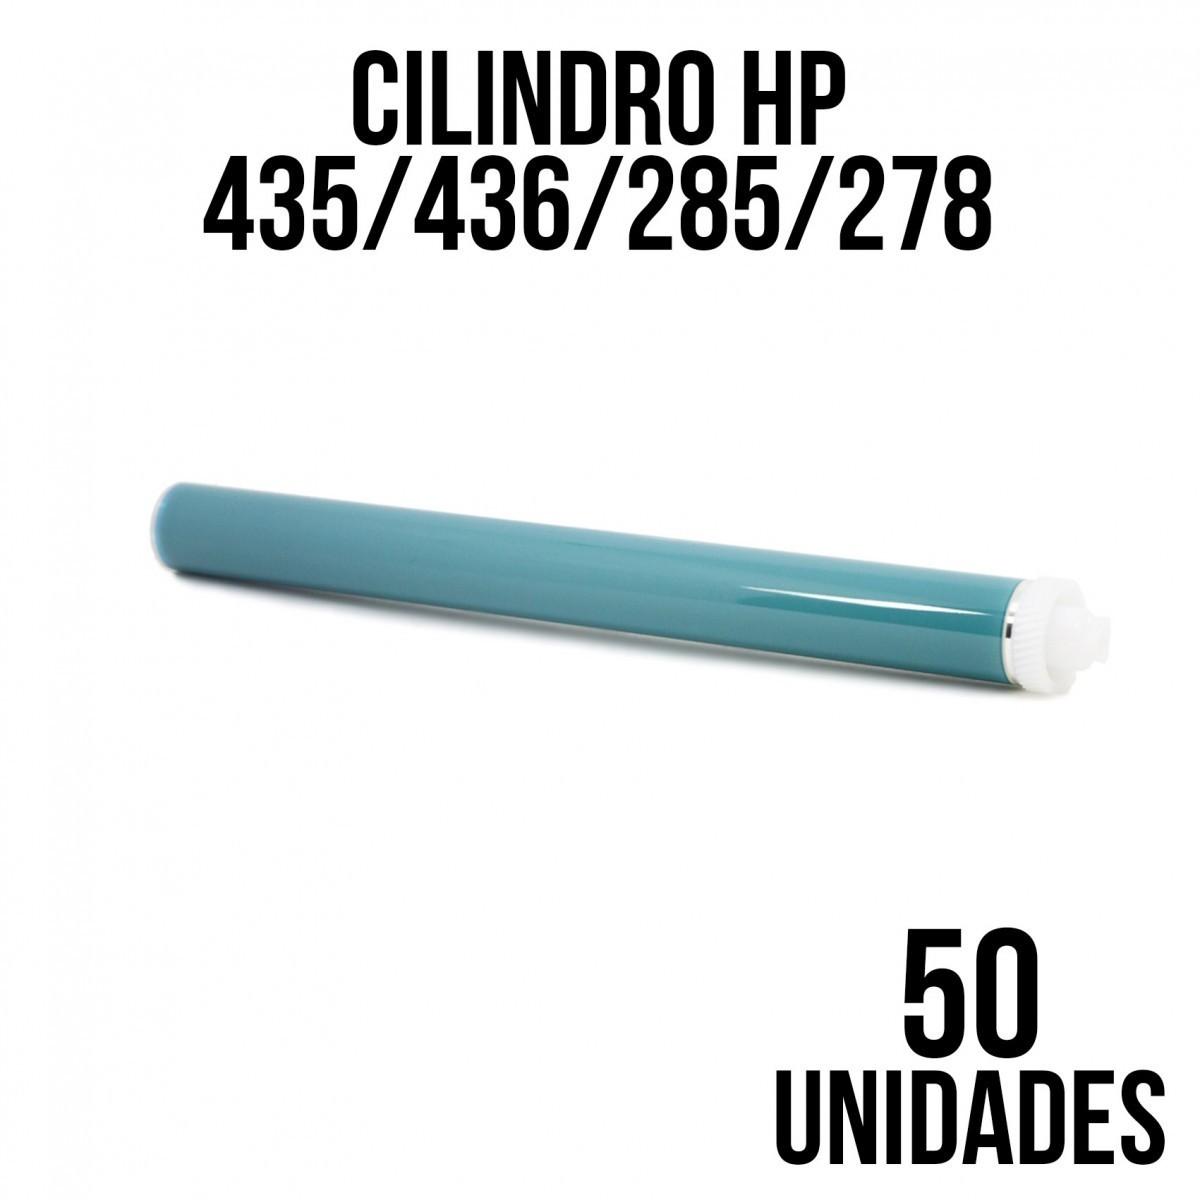 CILINDRO HP 285/435/436/CE278/285/283/85/283 - COM 50 UNIDADES